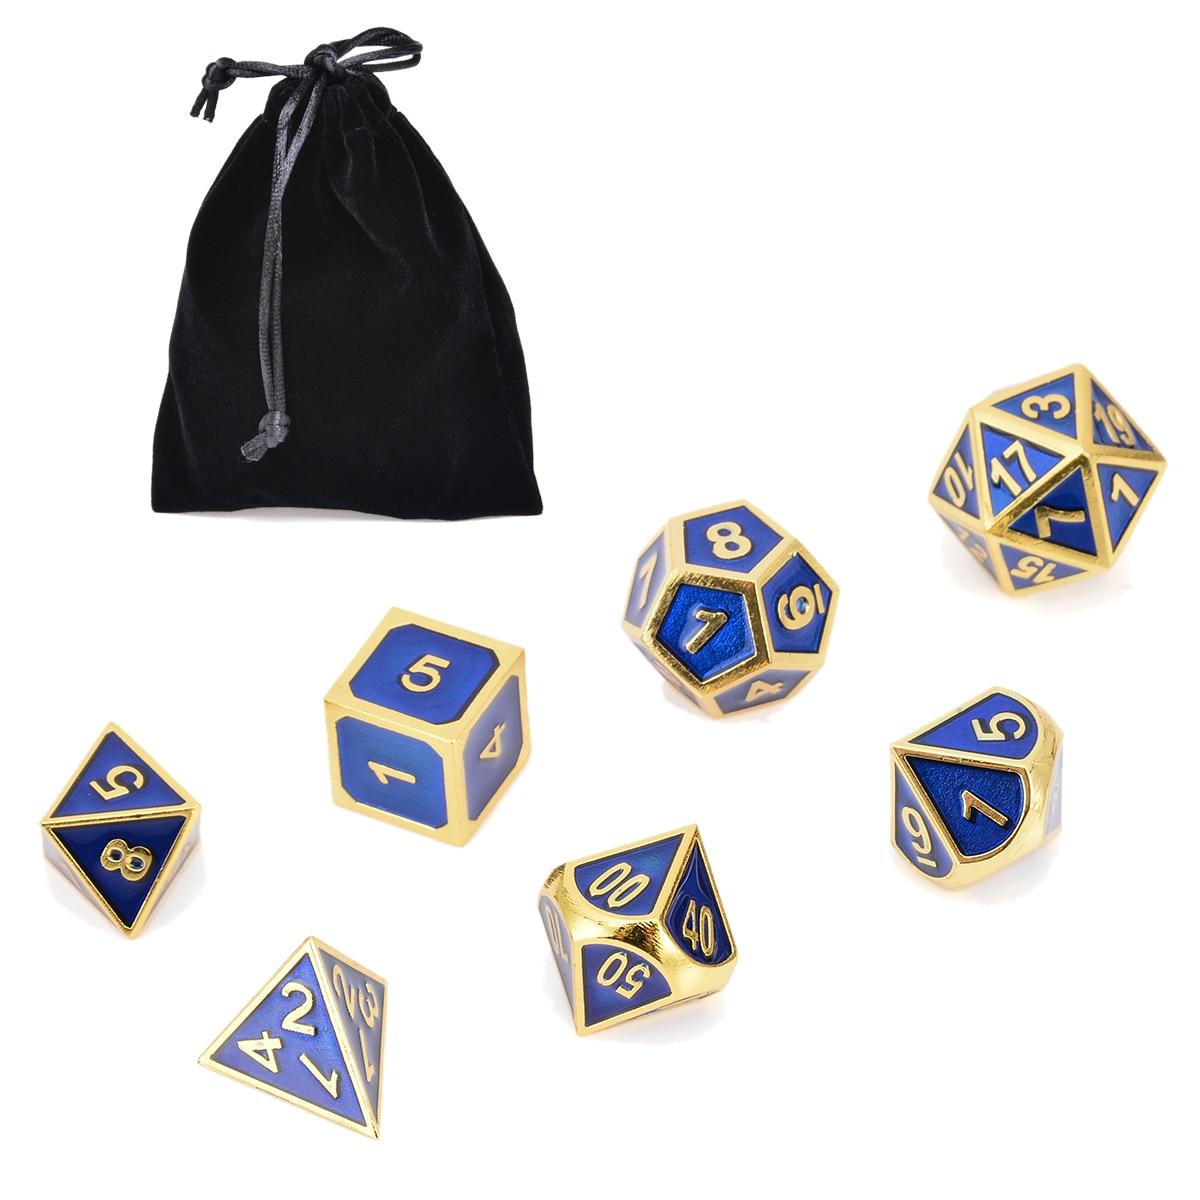 Heißer Verkauf 7x Antike Metall Polyhedral Würfel Dungeons & Dragons Rolle spielen Party Bar Spiel Mit Tasche Gold & Blau Farbe werkzeug